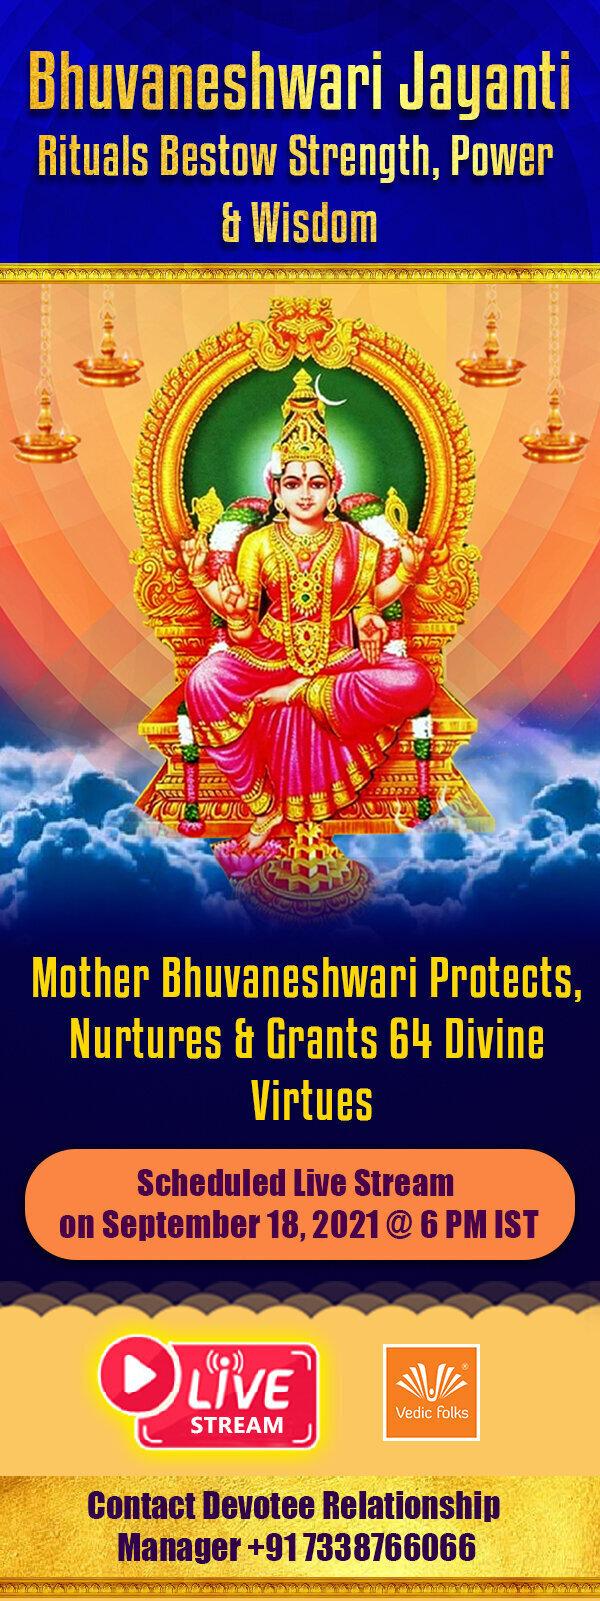 Exclusive Live Stream Bhuvaneshwari Homam